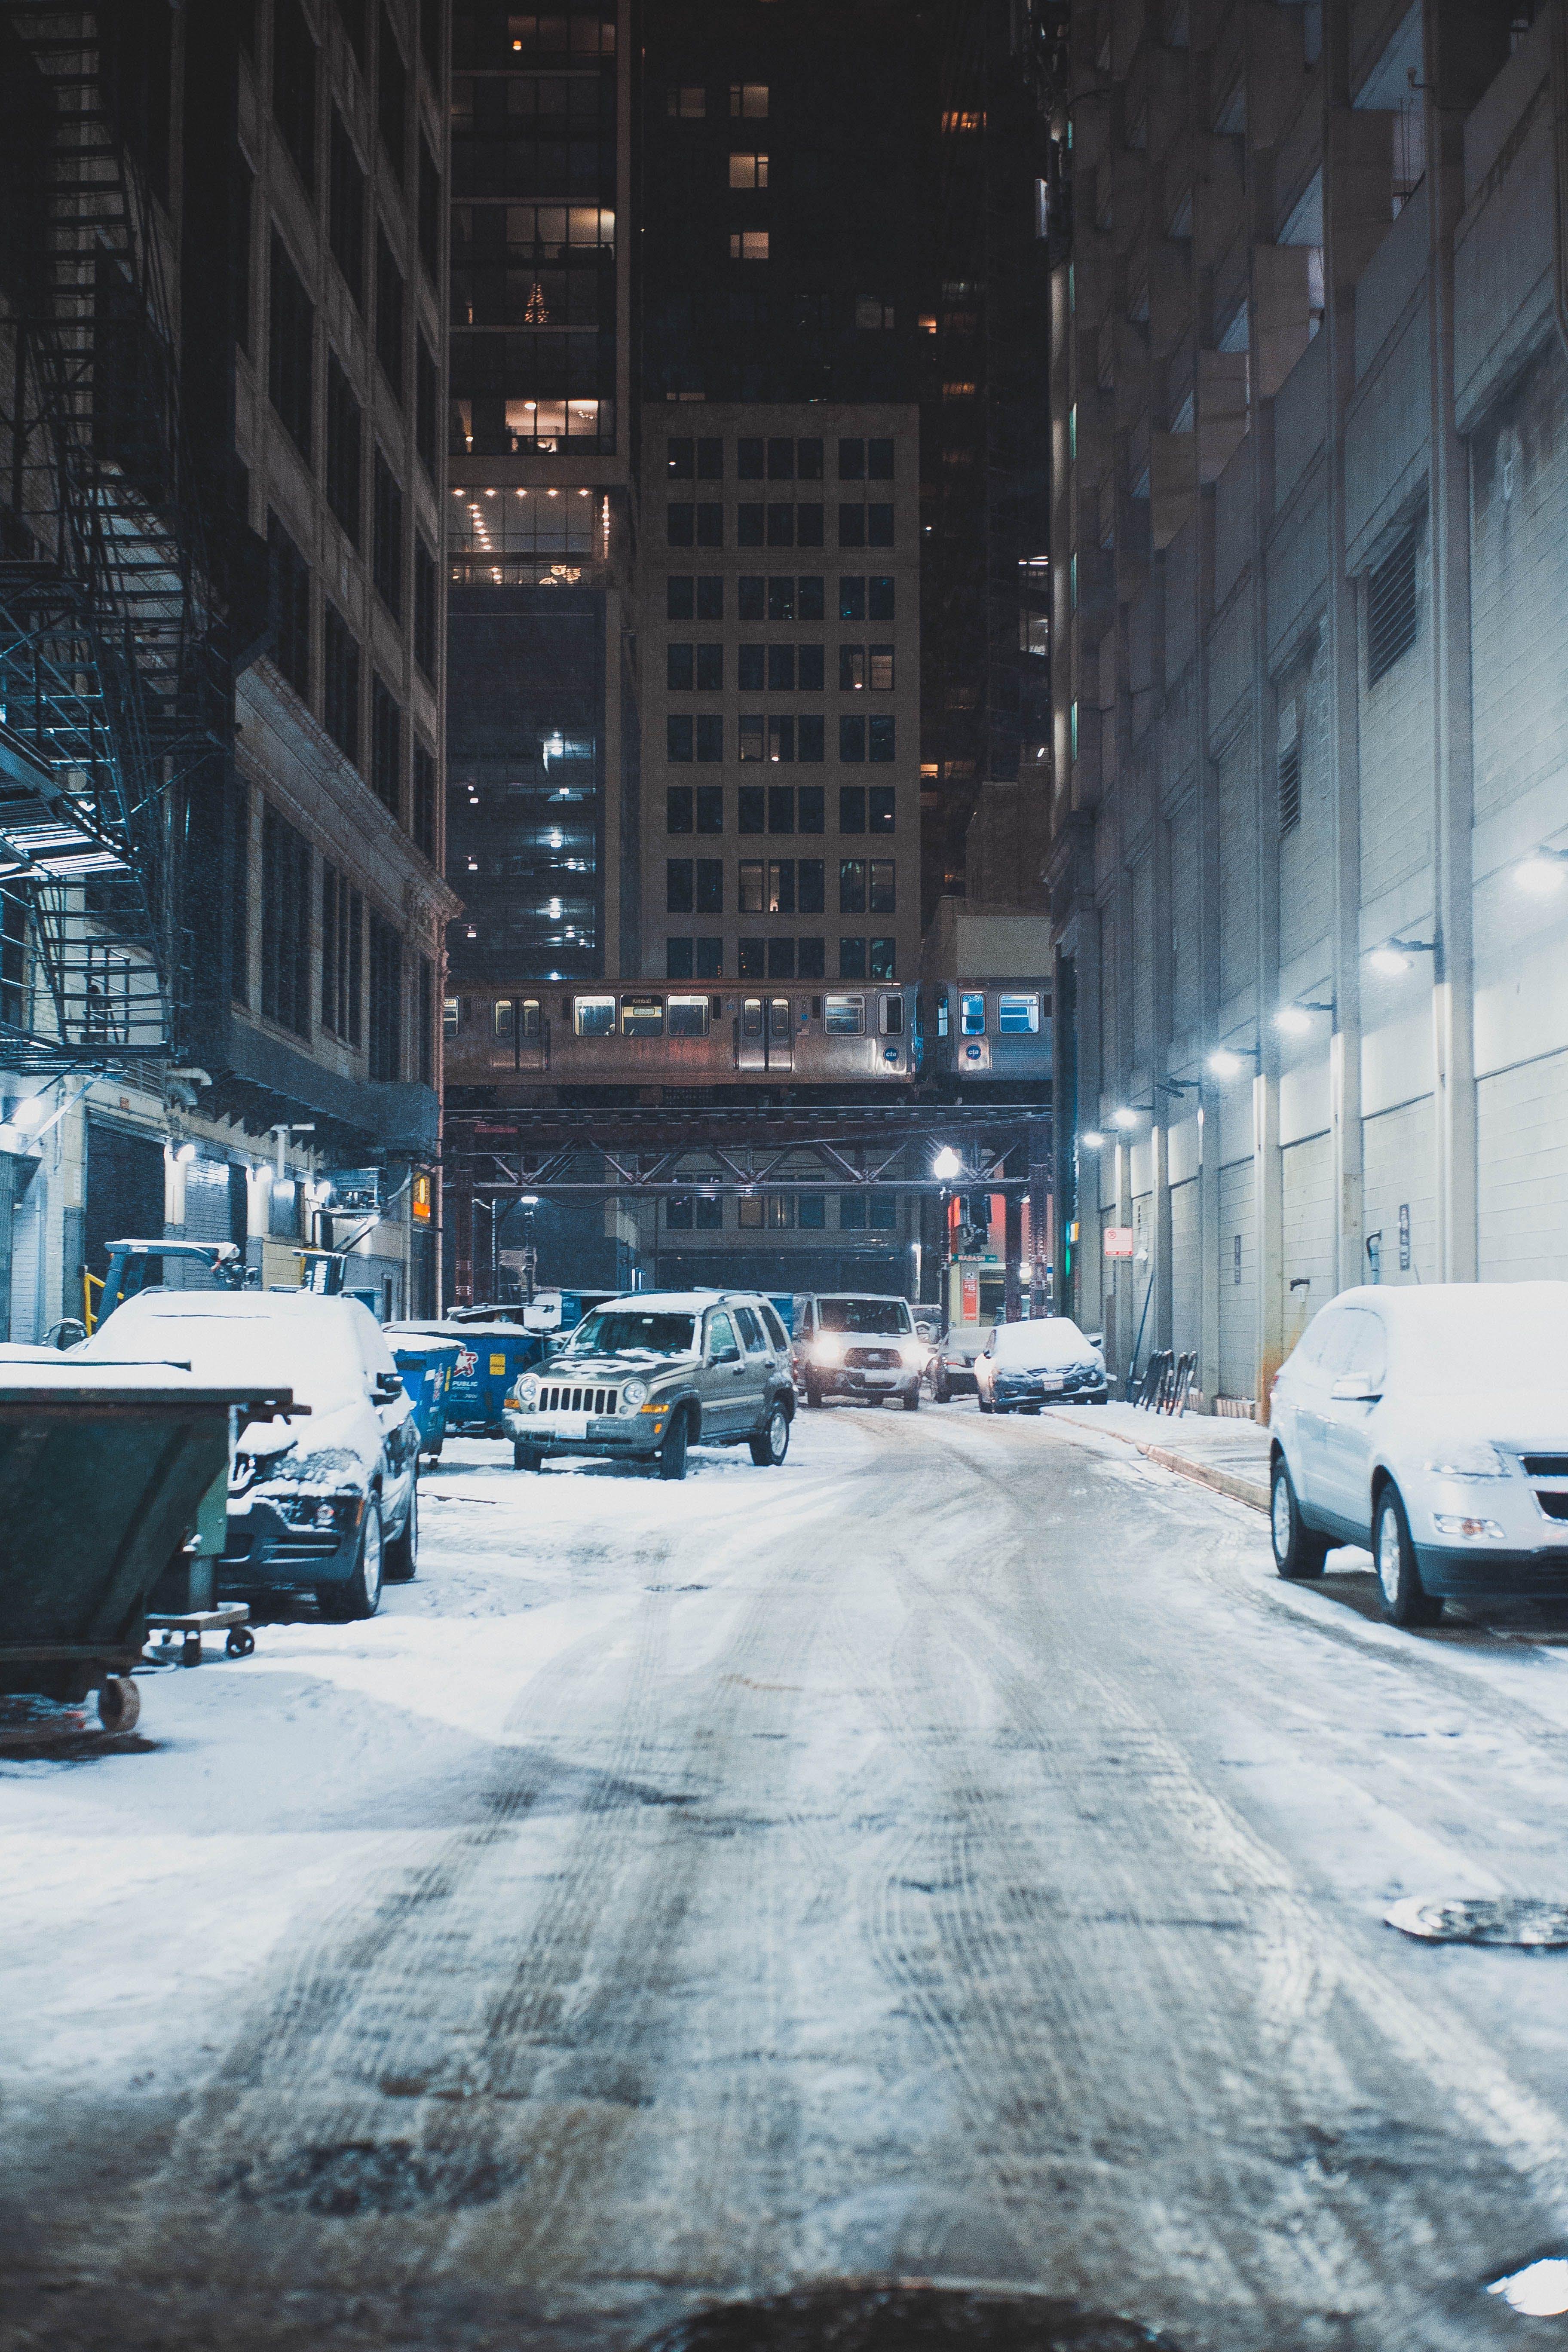 冬季, 城市, 建造, 汽車 的 免費圖庫相片